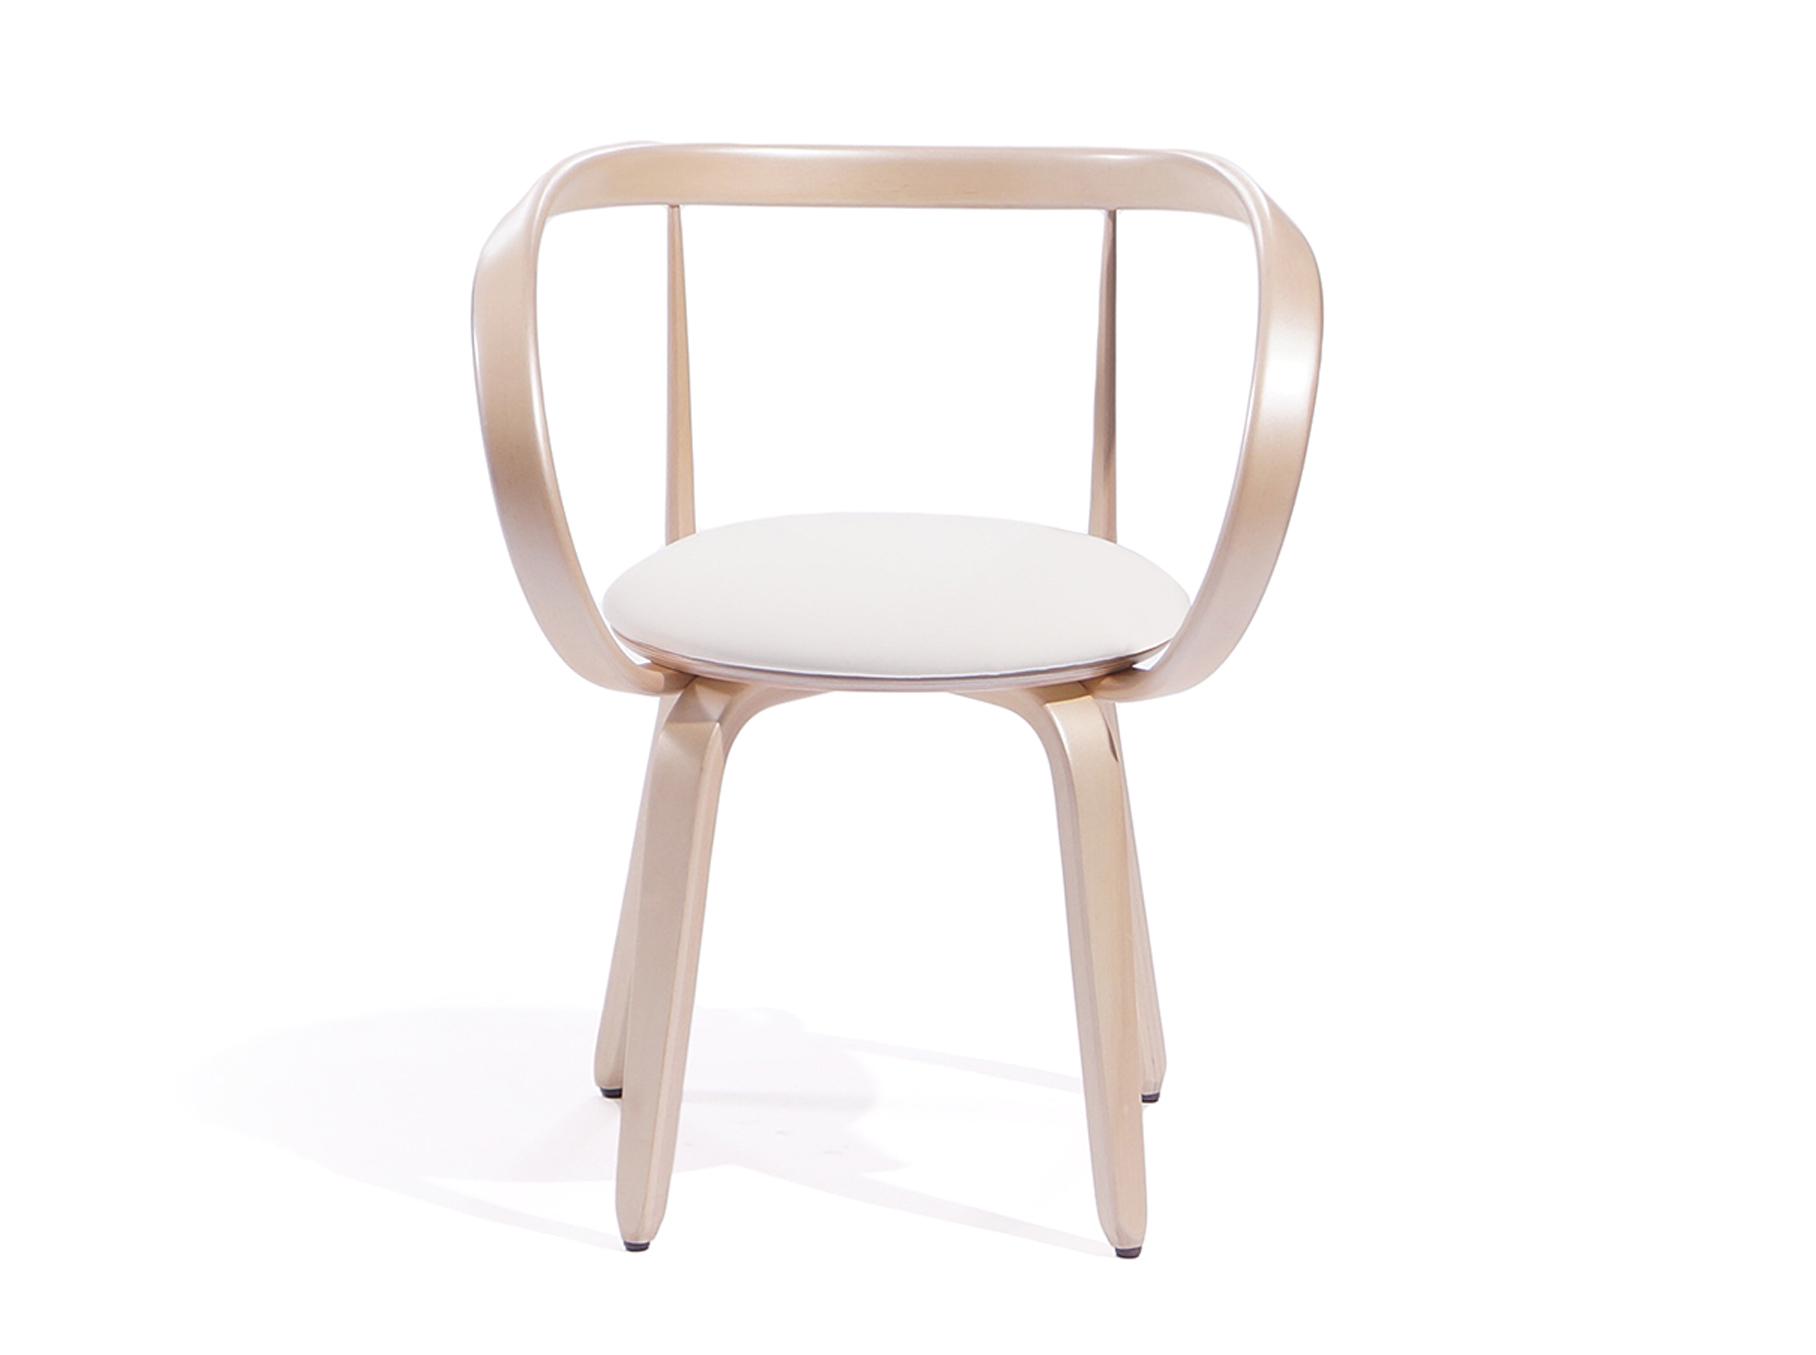 Стул AprioriОбеденные стулья<br>&amp;lt;div&amp;gt;&amp;lt;div&amp;gt;Легкий воздушный стул из натурального гнутого дерева. При сохранении визуальной легкости стул остается прочным и удобным. Хорошо сочетается со столами серии apriori. Материал: натуральное дерево, береза, цвет:светлая береза, перламутровый эффект.&amp;lt;/div&amp;gt;&amp;lt;div&amp;gt;Обивка: Арпатек, цвет: белый.&amp;lt;/div&amp;gt;&amp;lt;/div&amp;gt;&amp;lt;div&amp;gt;&amp;lt;br&amp;gt;&amp;lt;/div&amp;gt;<br><br>Material: Береза<br>Length см: 58<br>Width см: 50<br>Depth см: None<br>Height см: 75<br>Diameter см: None